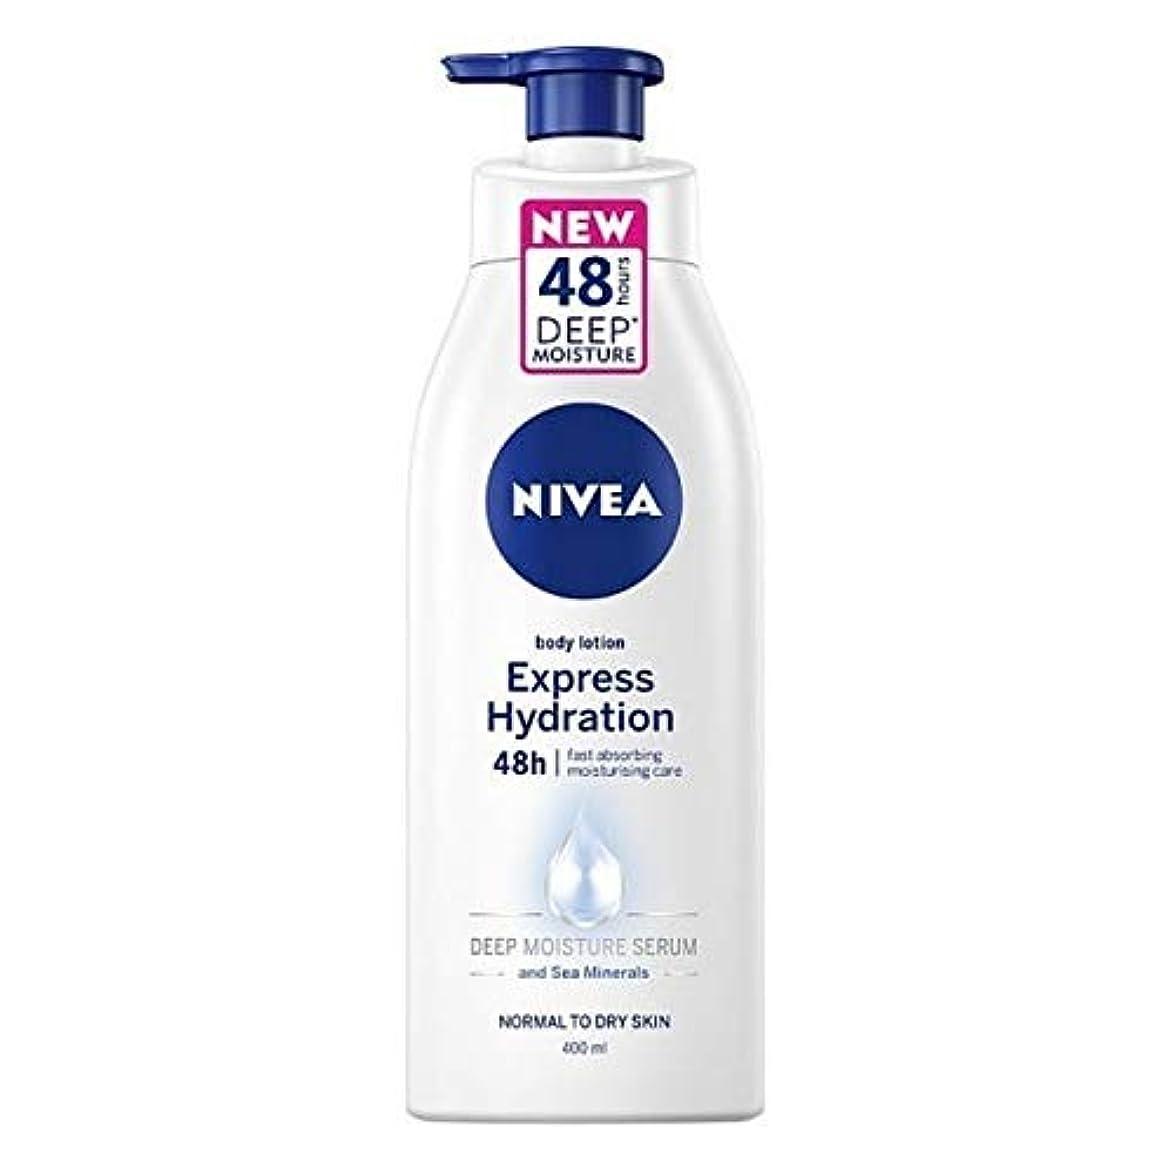 悲鳴嫌がる舌な[Nivea ] 高速の急行水和ボディローション400ミリリットルを吸収ニベア - NIVEA Fast Absorbing Express Hydration Body Lotion 400ml [並行輸入品]